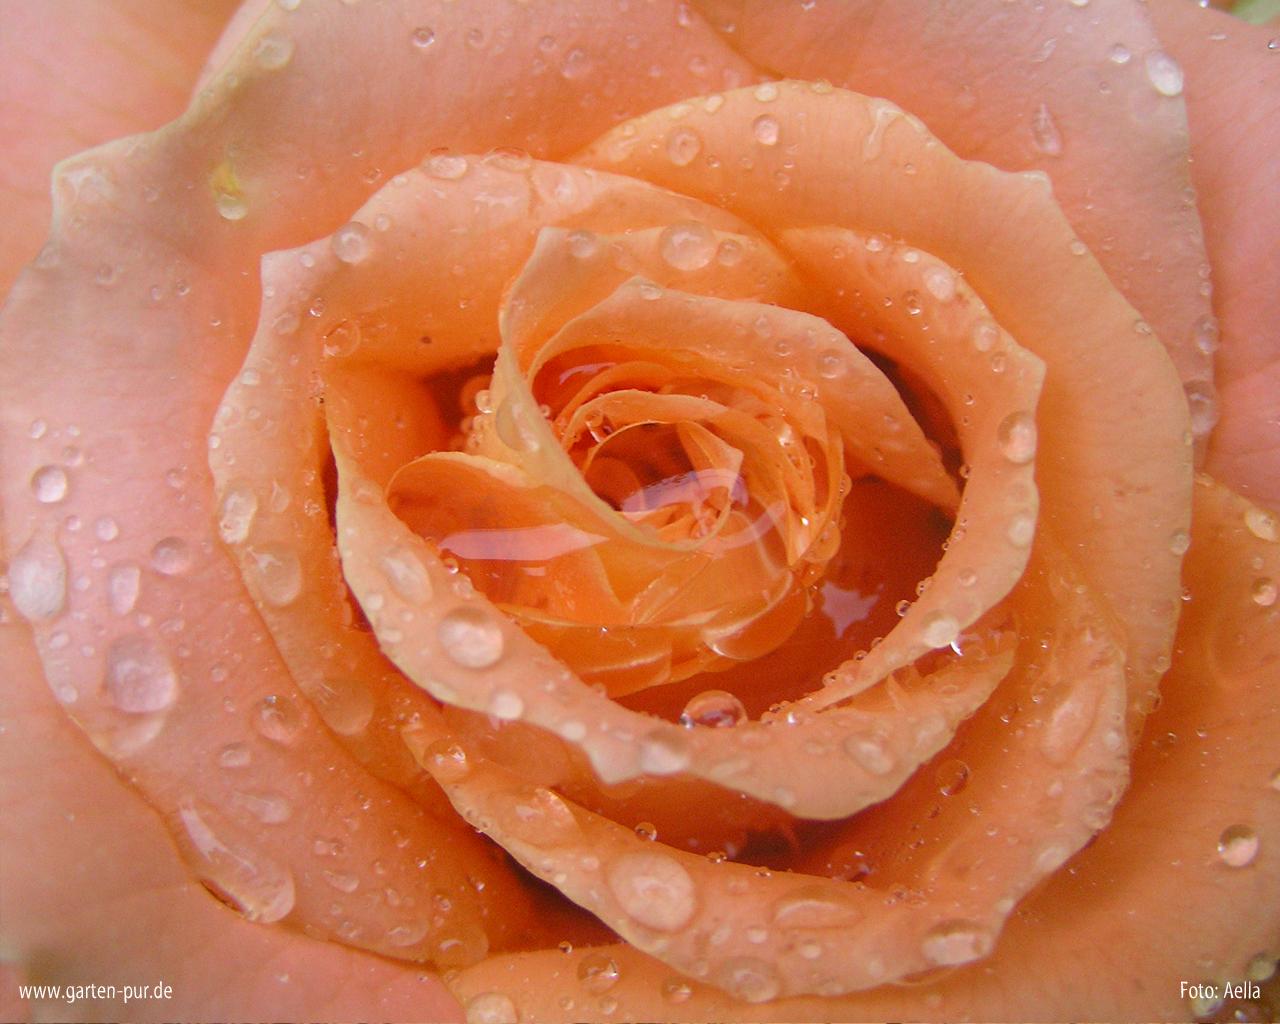 daphne rosen videos